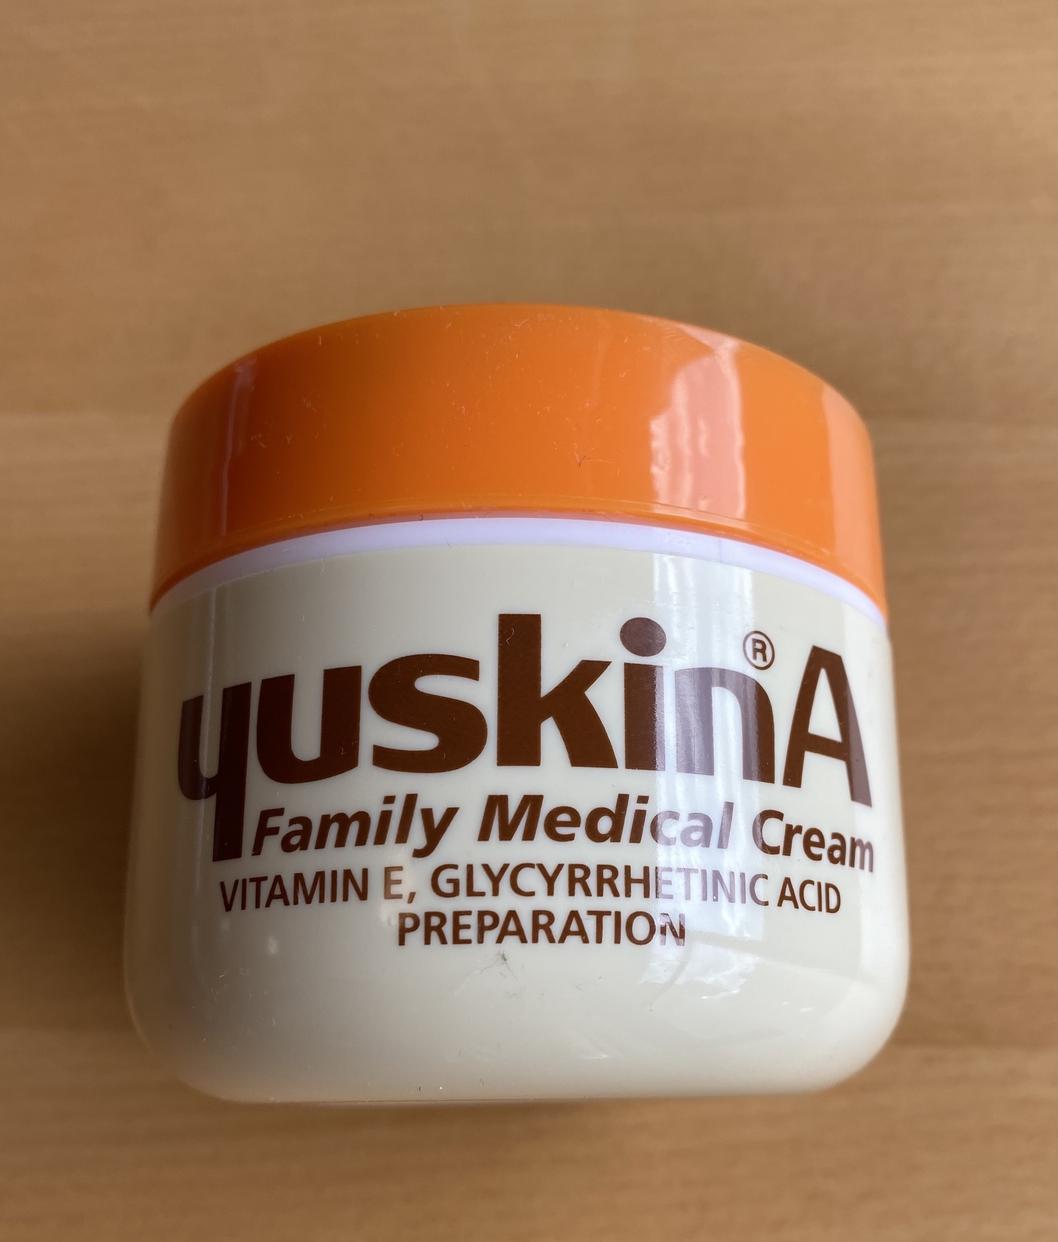 yuskin(ユースキン)ユースキンを使ったLunaさんのクチコミ画像